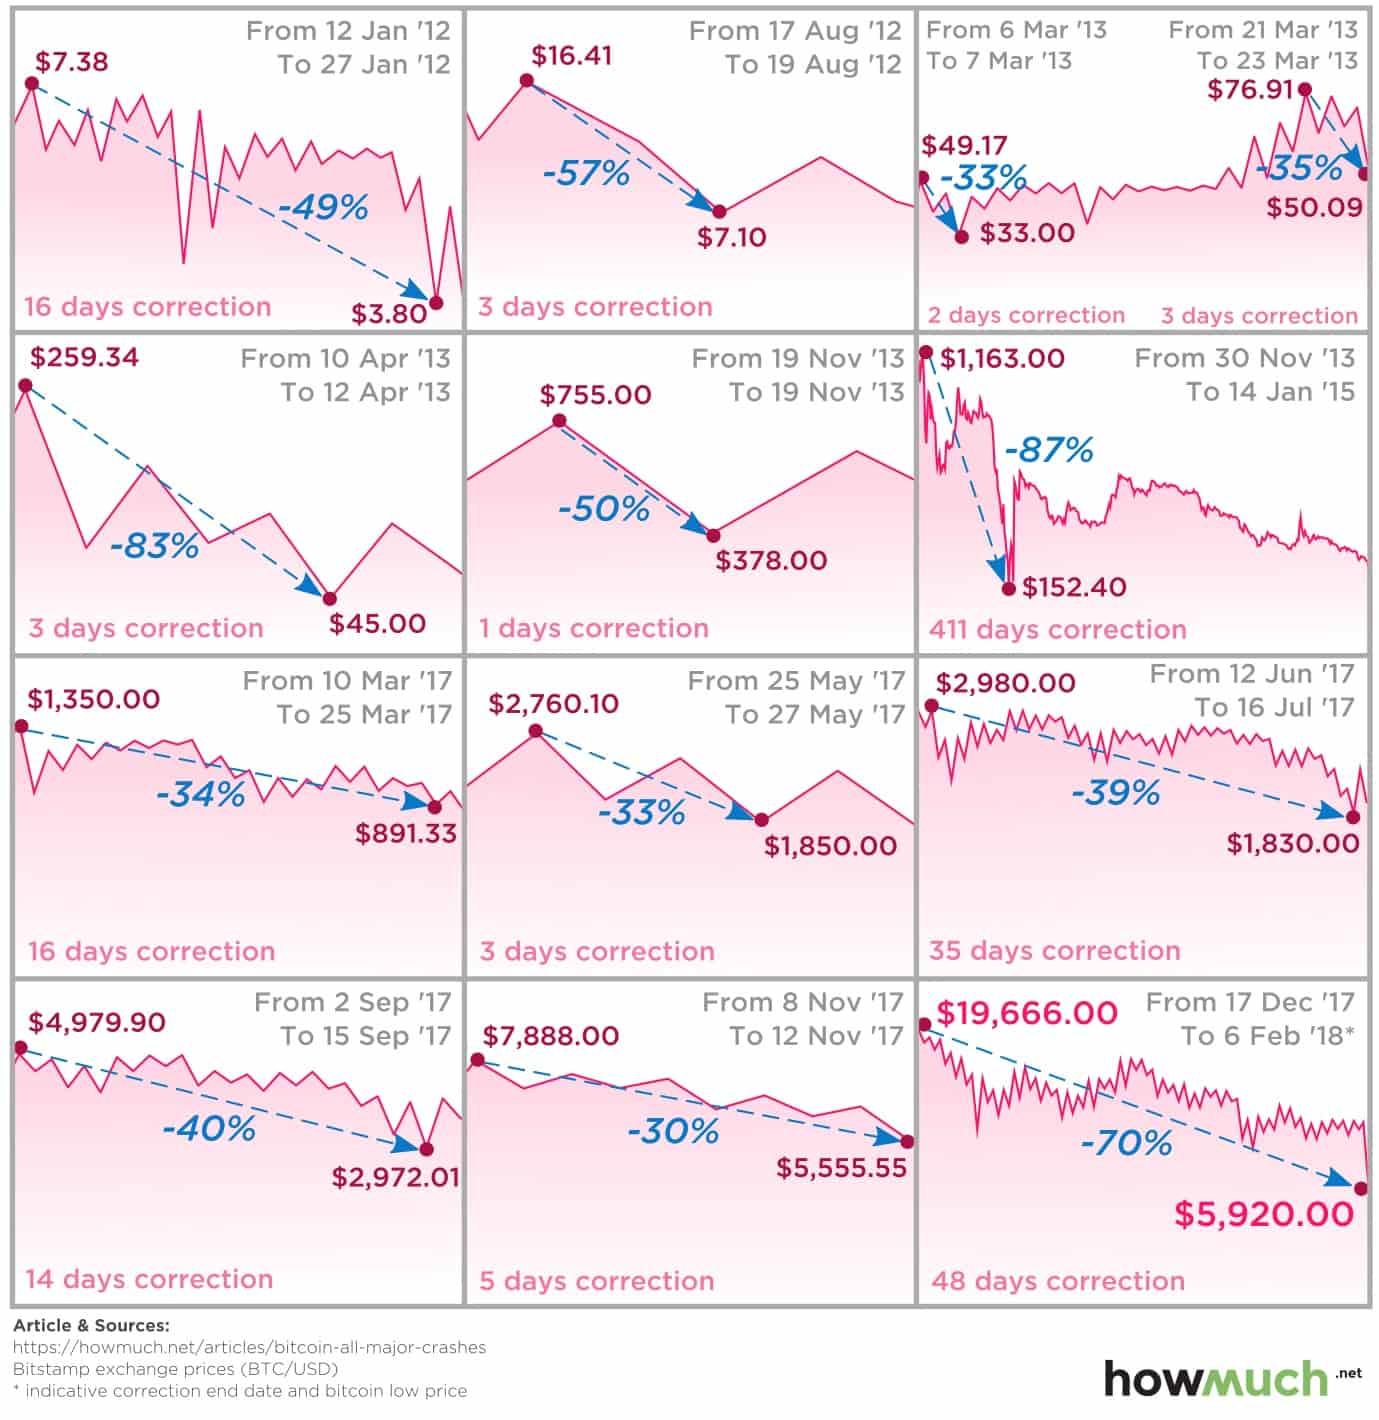 Взлеты и падения цифрового золота - Что ждет биткоин в будущем?